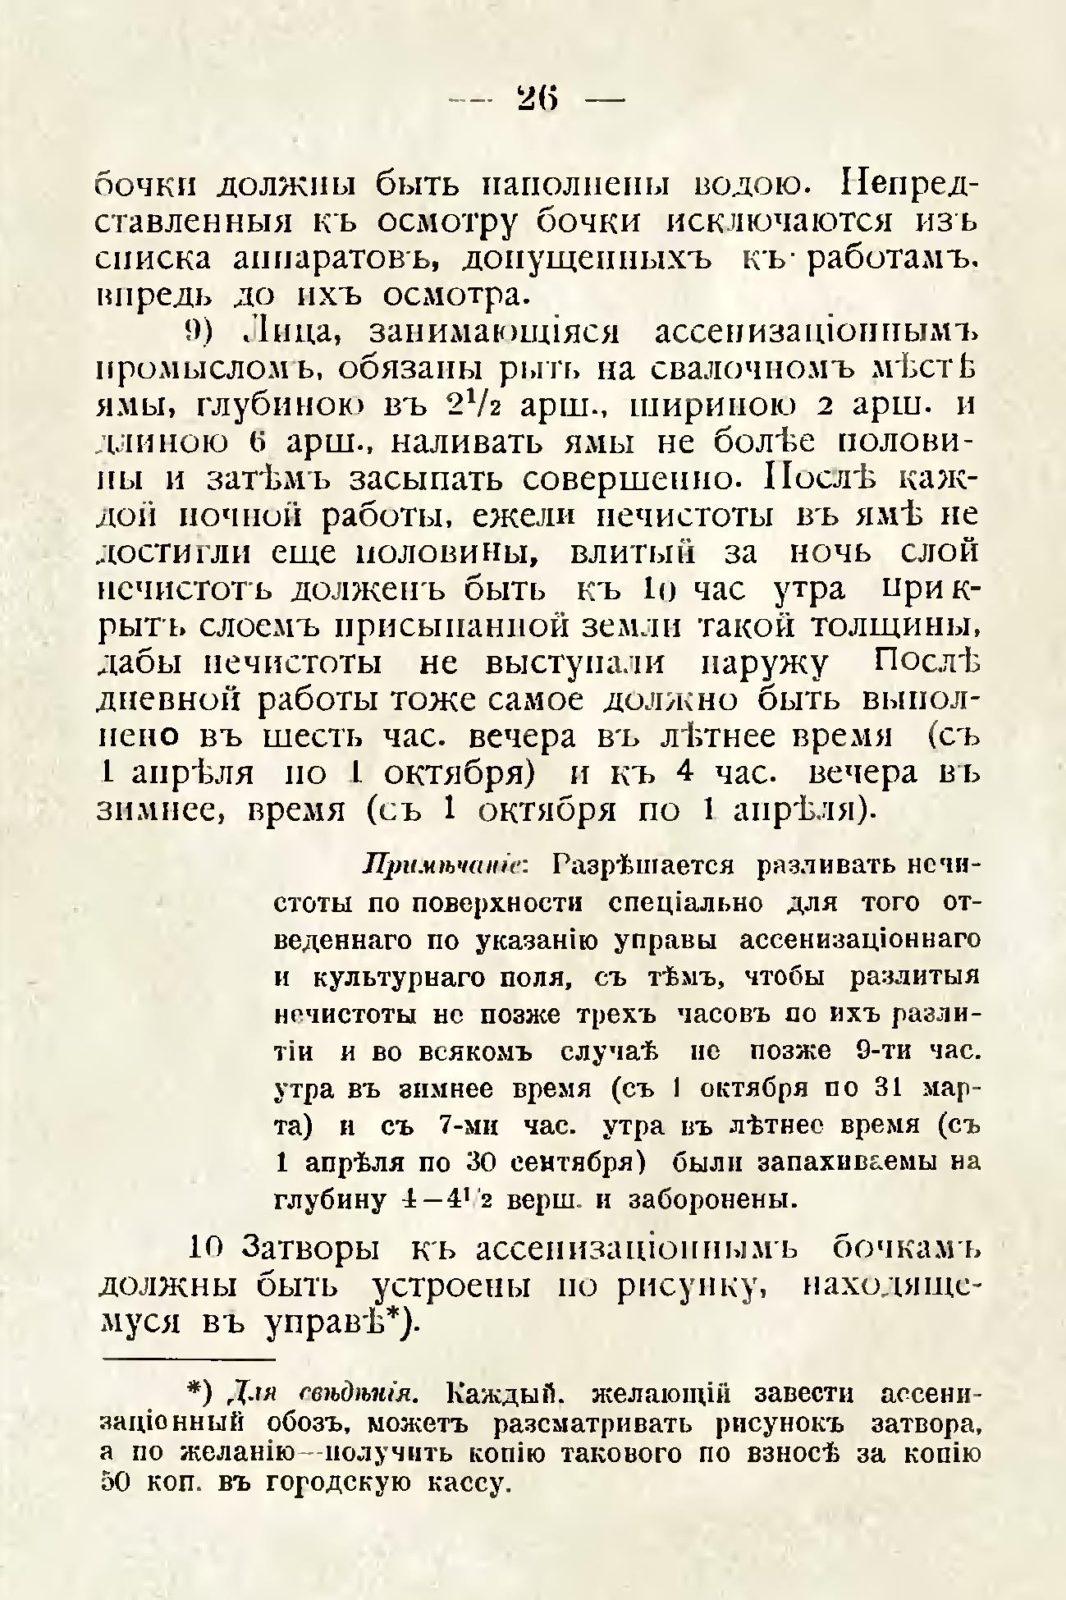 sbornik_obyazatelnyh_postanovlenii_tashkentskoi_gorodskoi_du_30